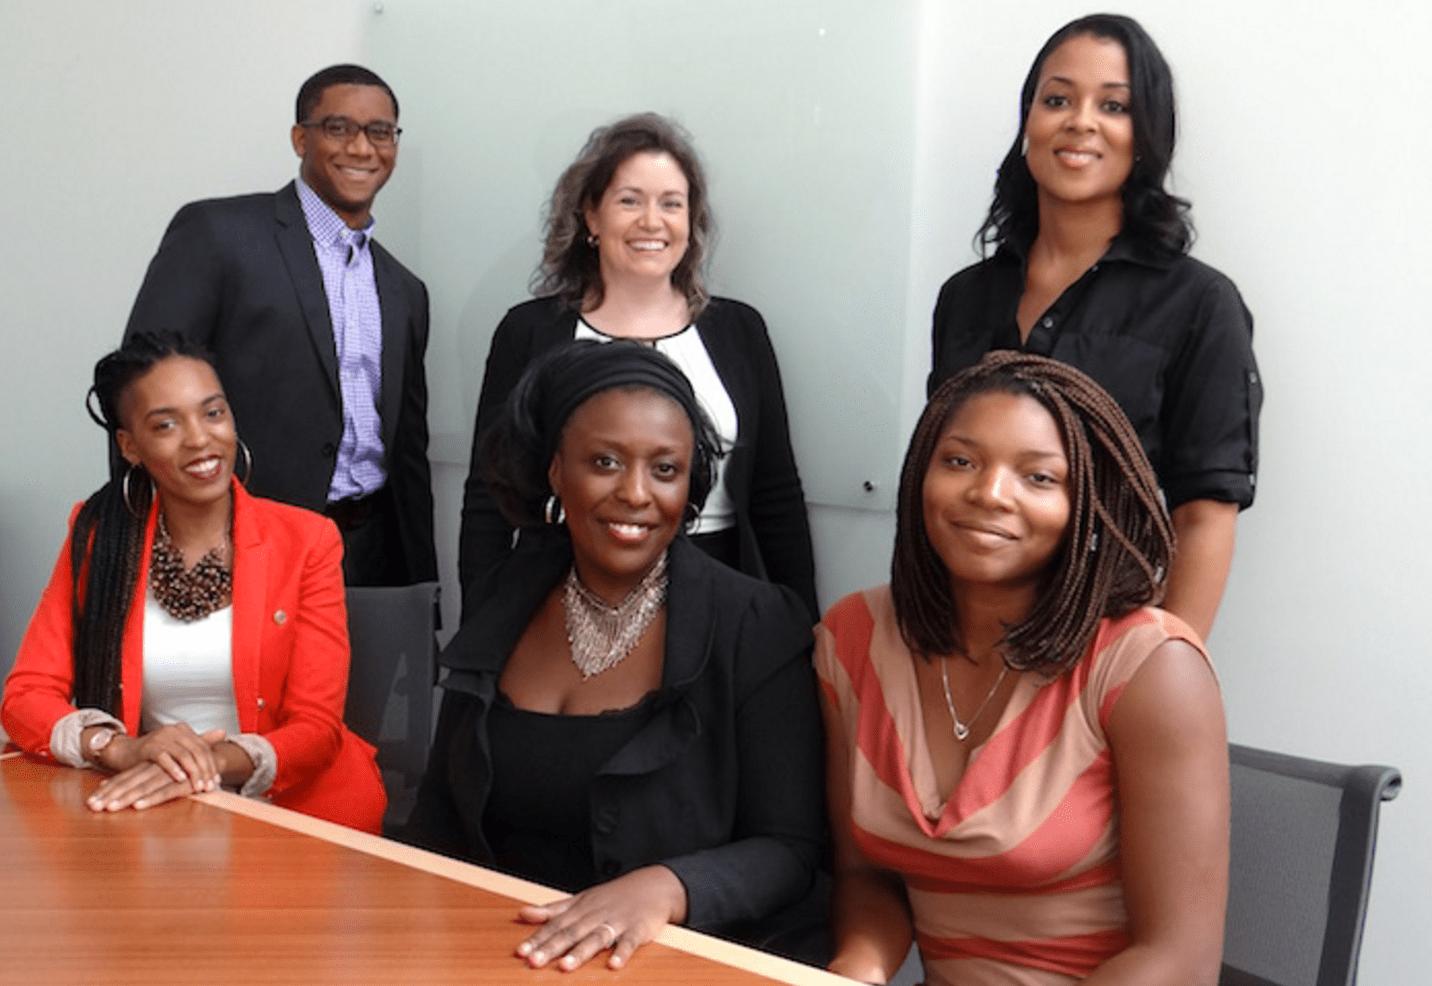 Startup Runway: UrbanGeekz partners to connect Women and Minorities to Investors